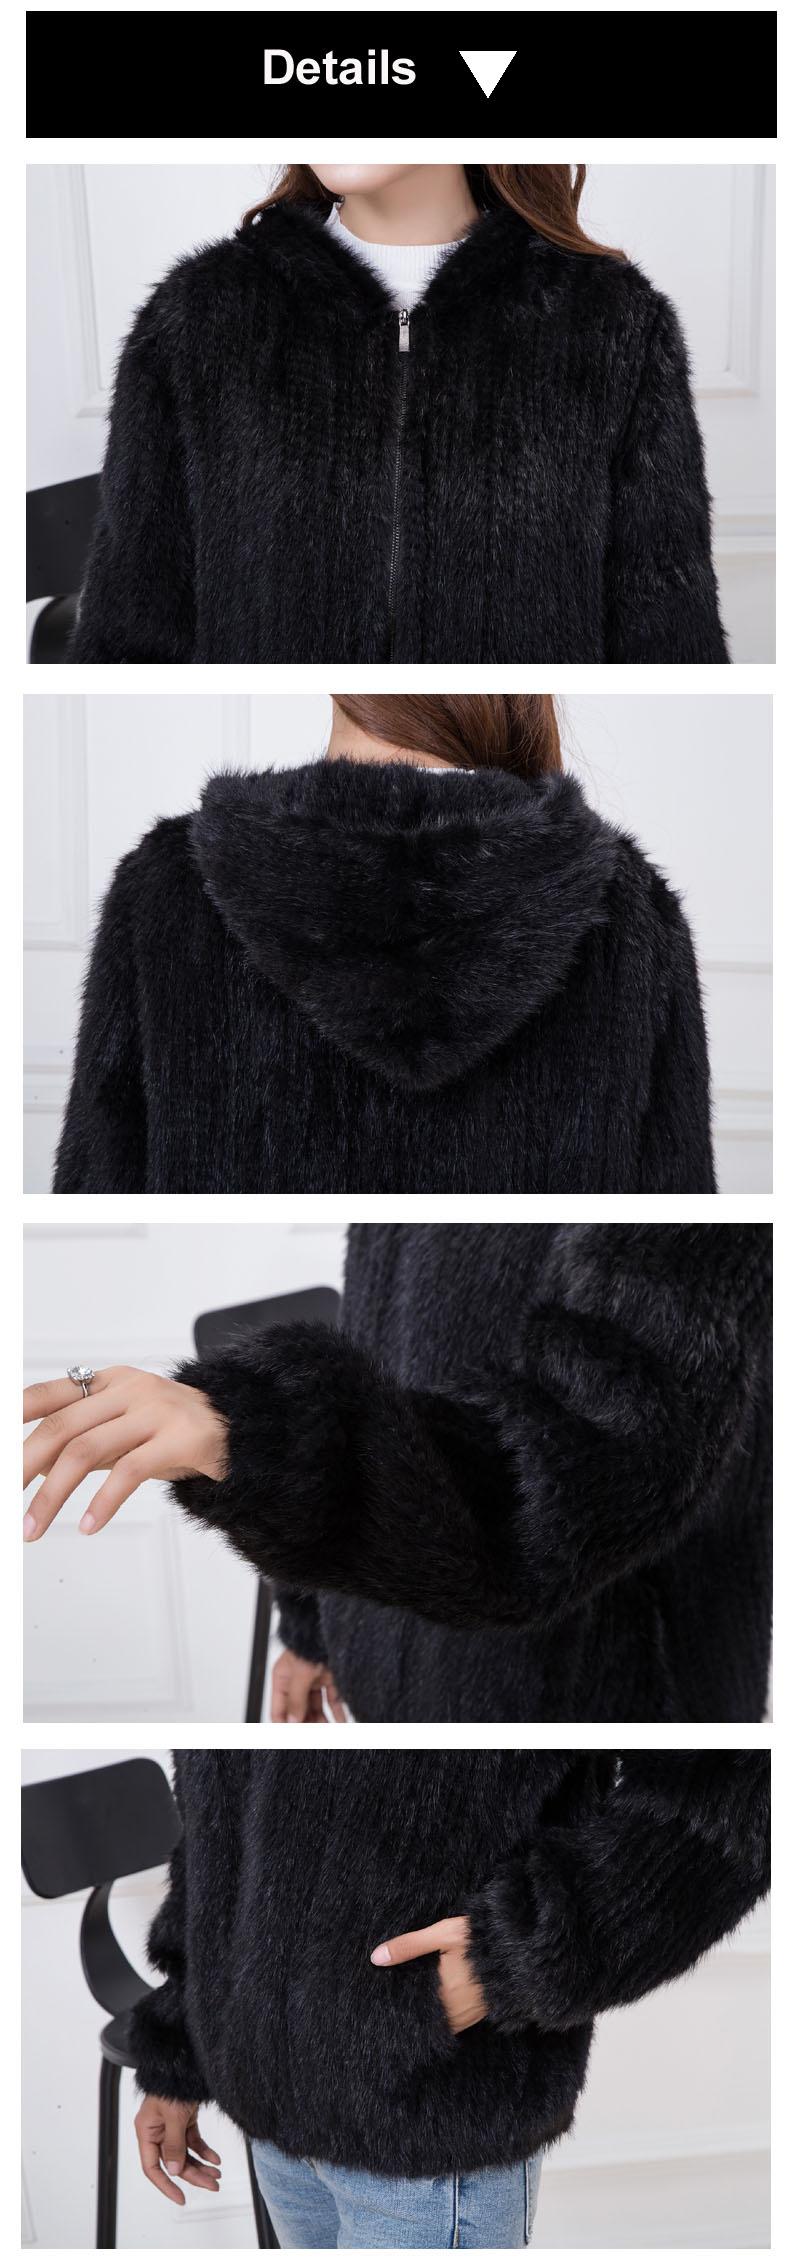 knit mink fur details